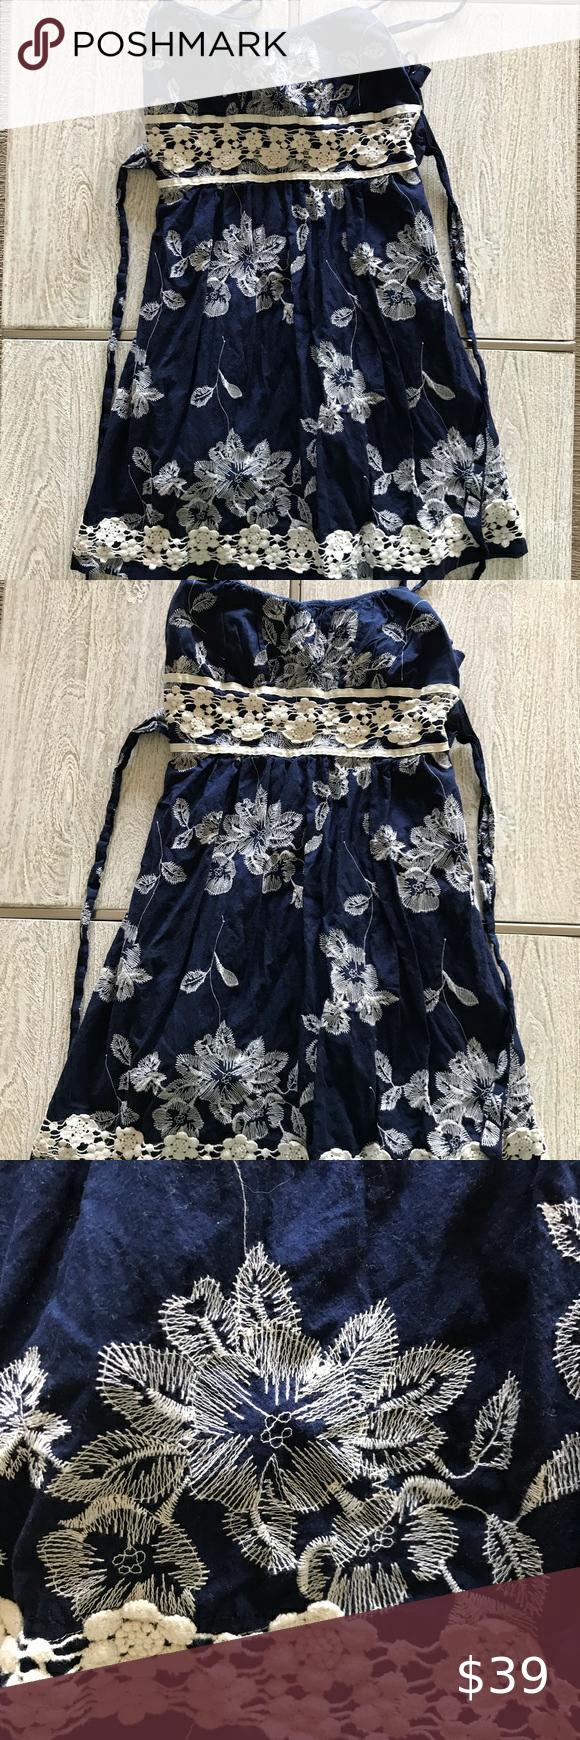 Dress Barn Summer Dress Summer Dresses Shopping Womens Dresses Dress Barn Dresses [ 1740 x 580 Pixel ]